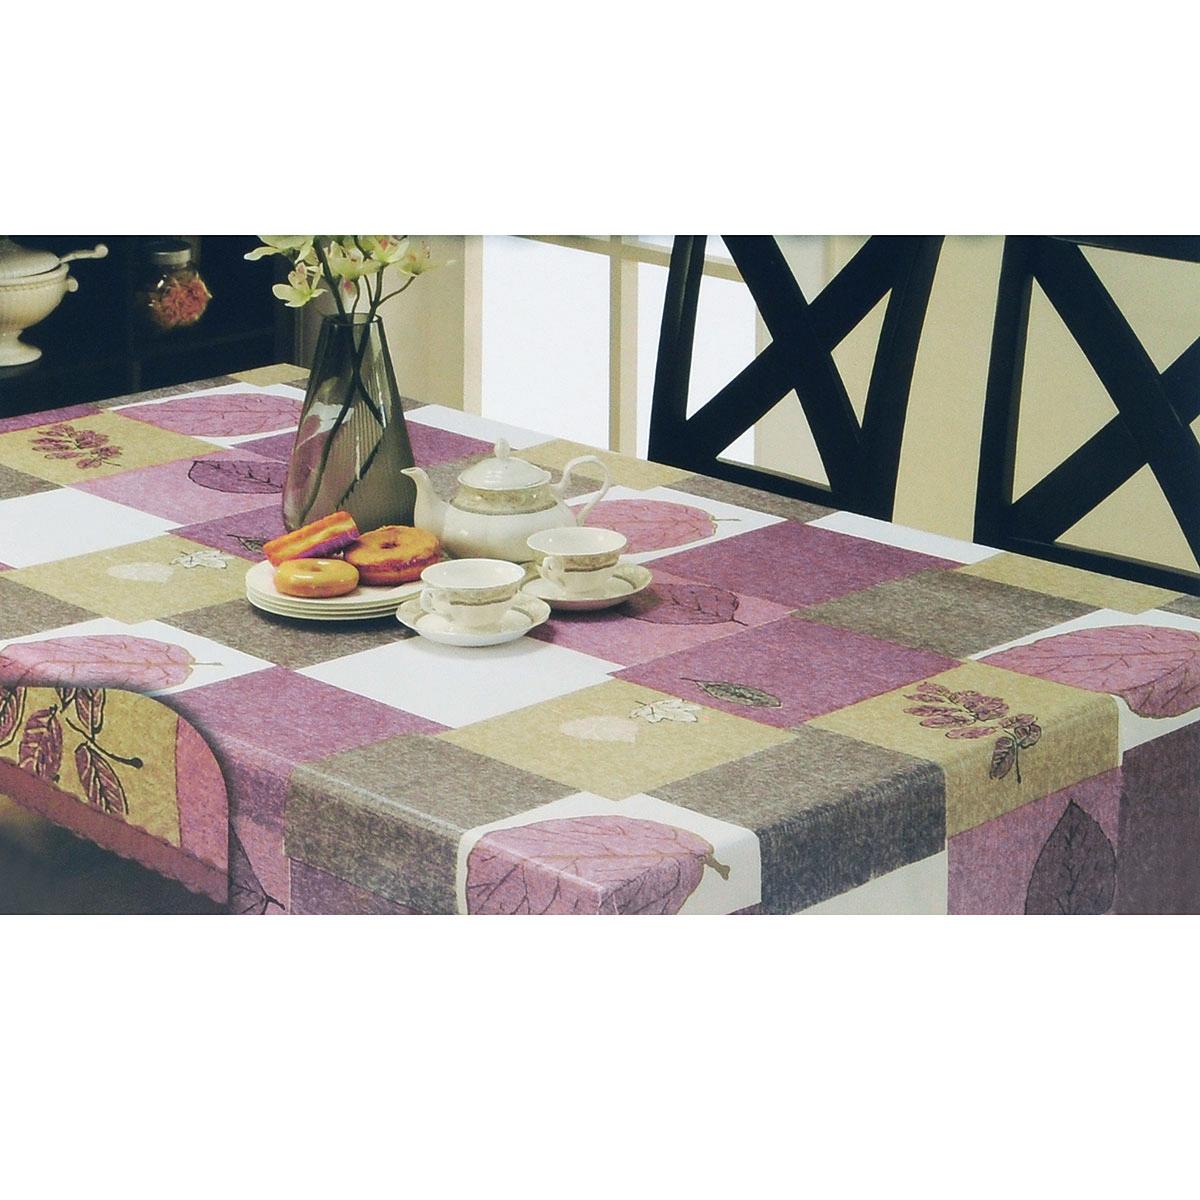 Скатерть White Fox Лист, прямоугольная, цвет: сиреневый, серый, 120x 150 смK100Прямоугольная скатерть White Fox Лист, выполненная из ПВХ с основой из флиса, предназначена для защиты стола от царапин, пятен и крошек. Край скатерти обработан строчкой. Скатерть оформлена изображением листочков, а рифлёная поверхность формирует приятные тактильные ощущения, при этом частички пищи удаляются с легкостью и поверхность остается всегда чистой. Скатерть термостойкая, выдерживает температуру до +70 °C.Скатерть White Fox проста в уходе - её можно протирать любыми моющими средствами при необходимости.Скатерть упакована в виниловый пакет с внутренним цветным вкладышем и подвесом в виде крючка.